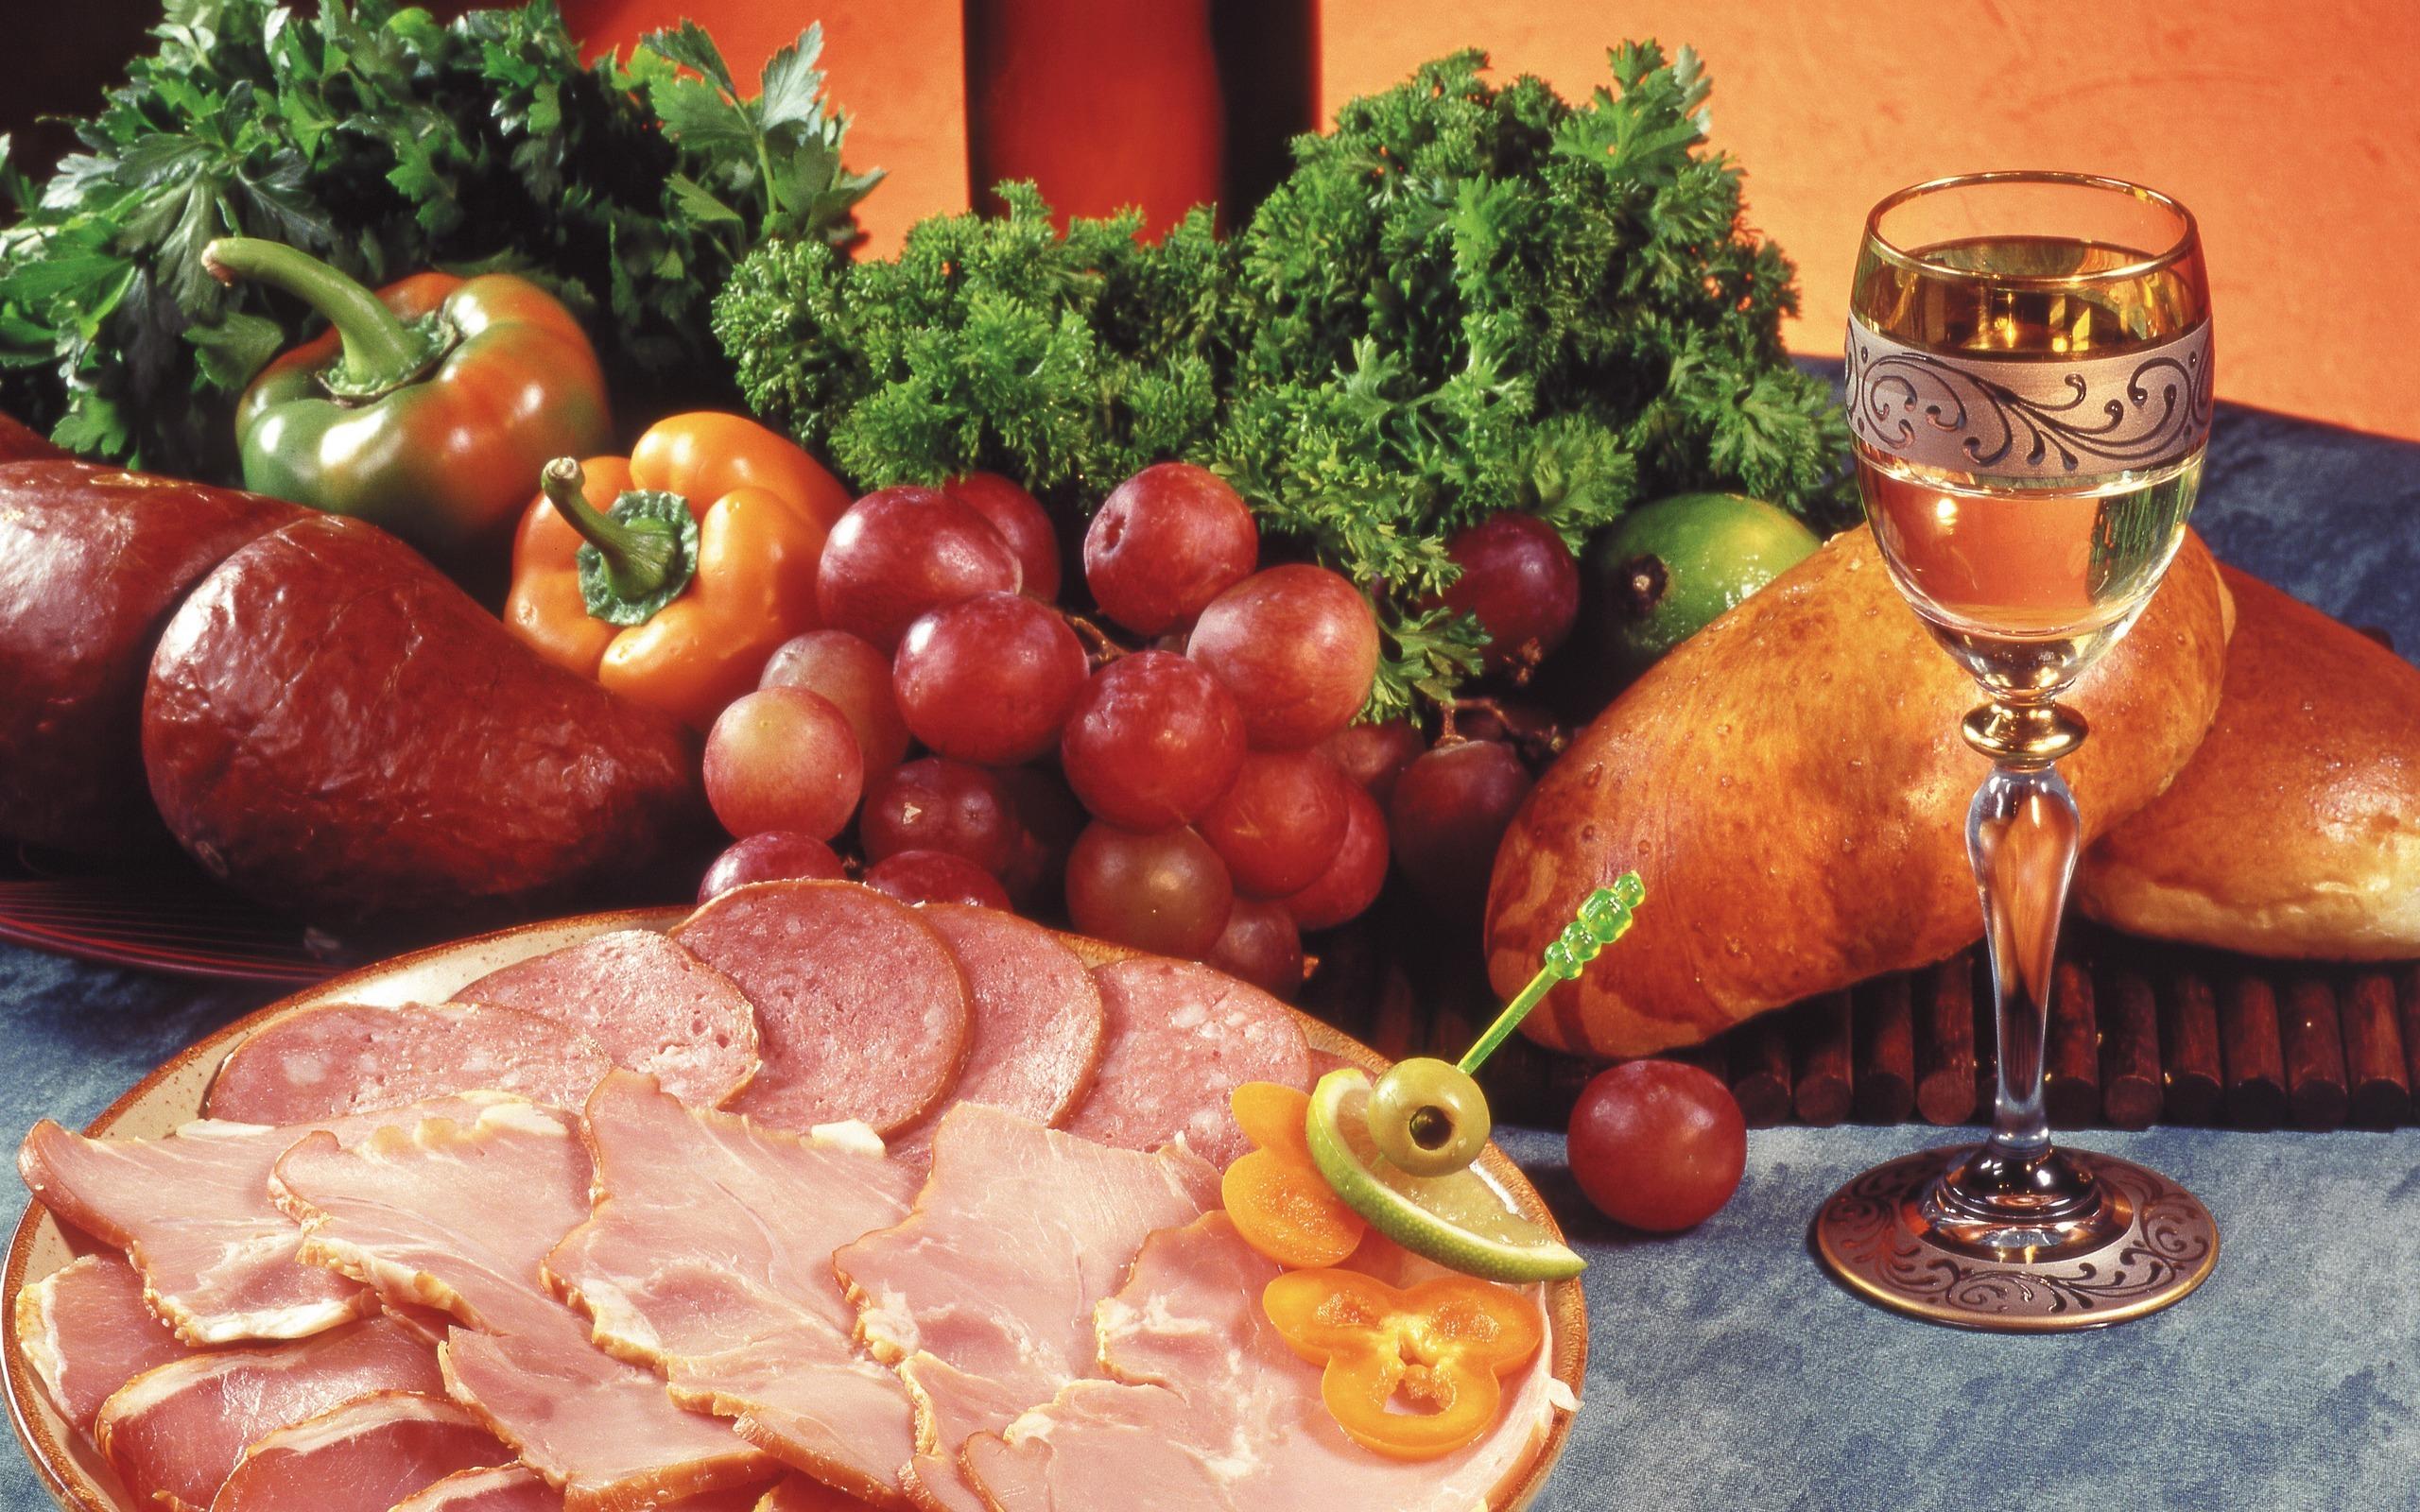 Стол накрытый хлеб яблоки финоград лук мясо перец бесплатно